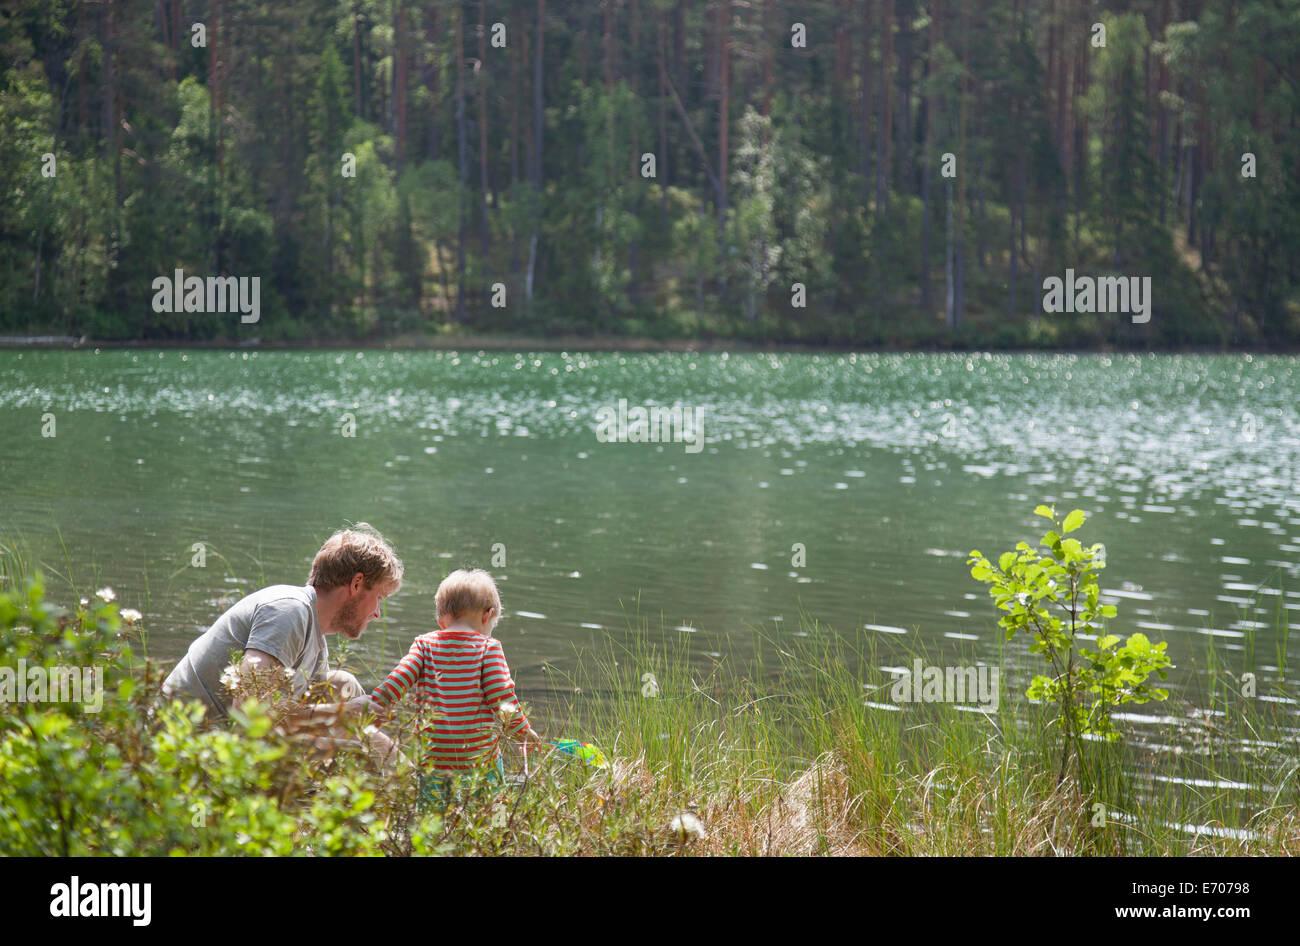 Vater und Sohn blickte in See, Somerniemi, Finnland Stockbild